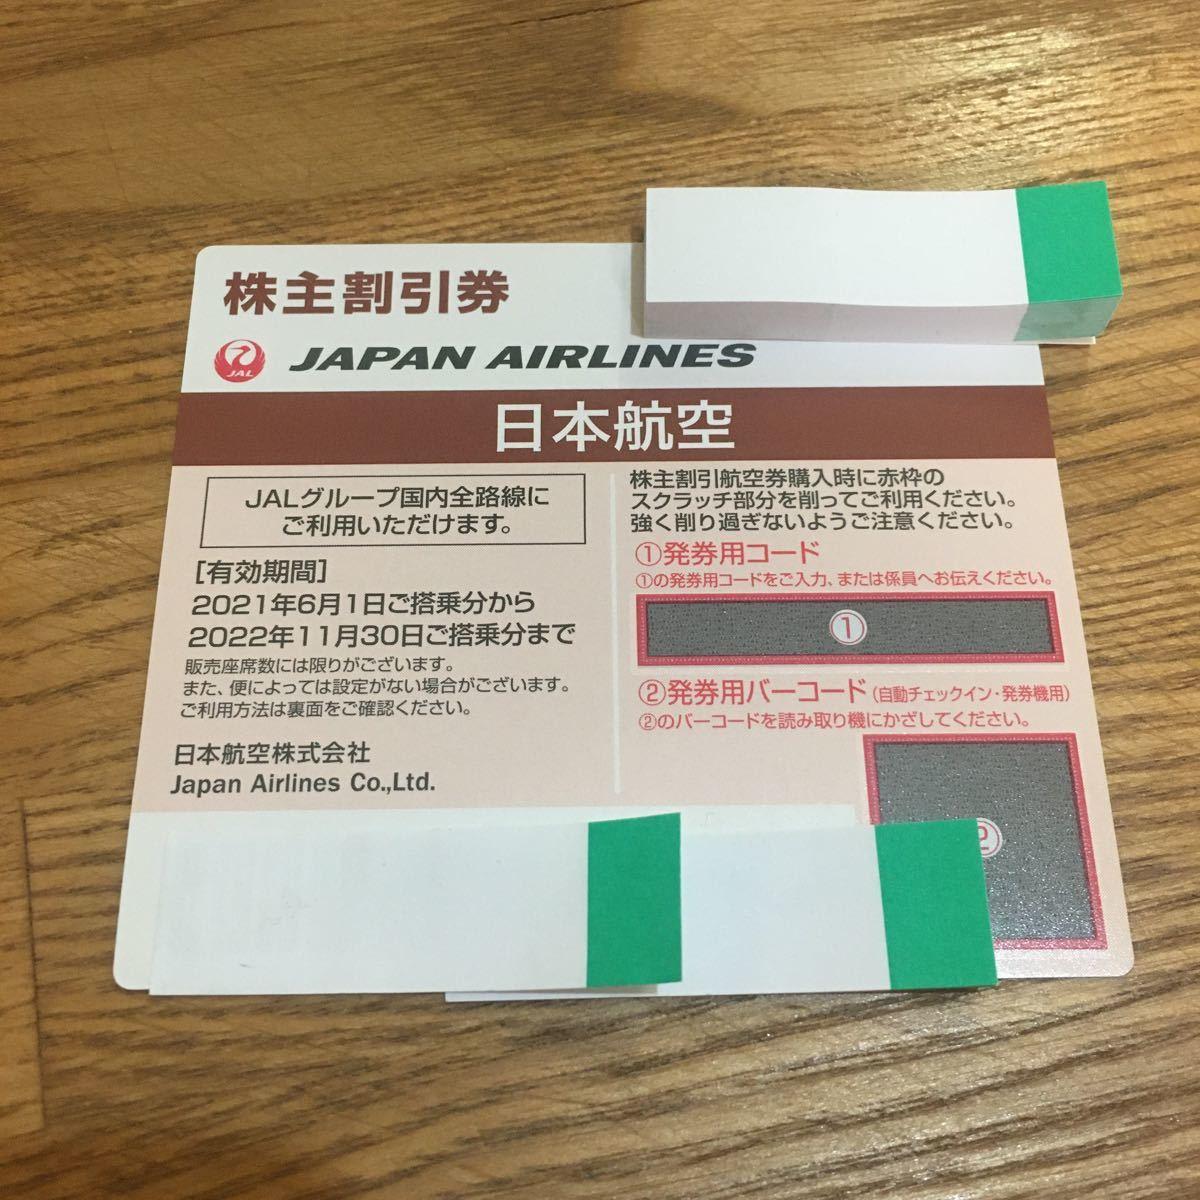 JAL 日本航空 株主優待券1枚 50%割引(片道)番号通知のみ送料無料 2022年11月30日搭乗分まで 航空券 割引券_画像1